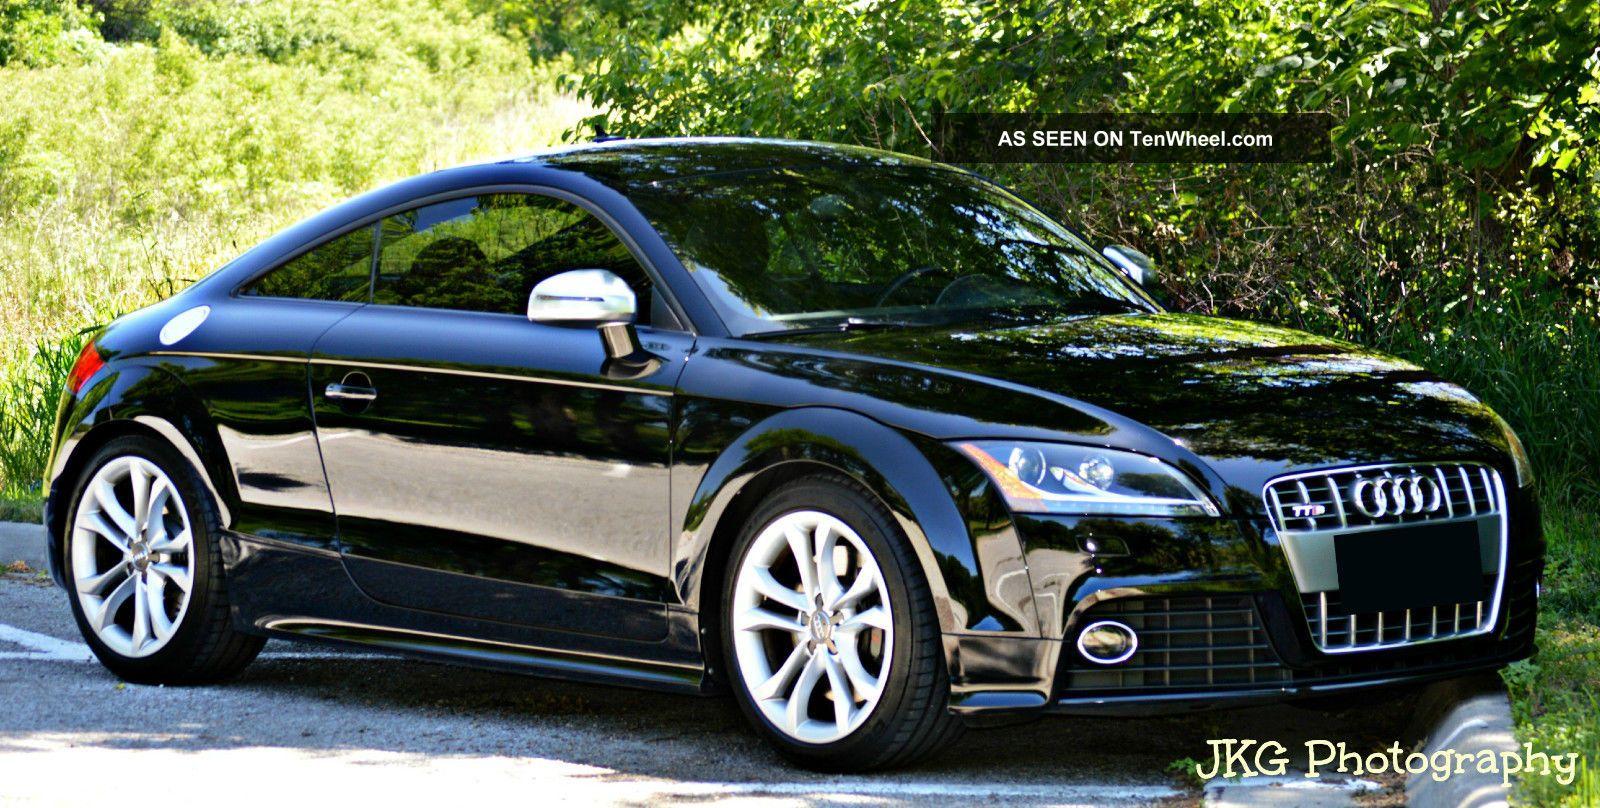 2009 Audi Tt Quattro S Coupe 2 - Door 2.  0l TT photo